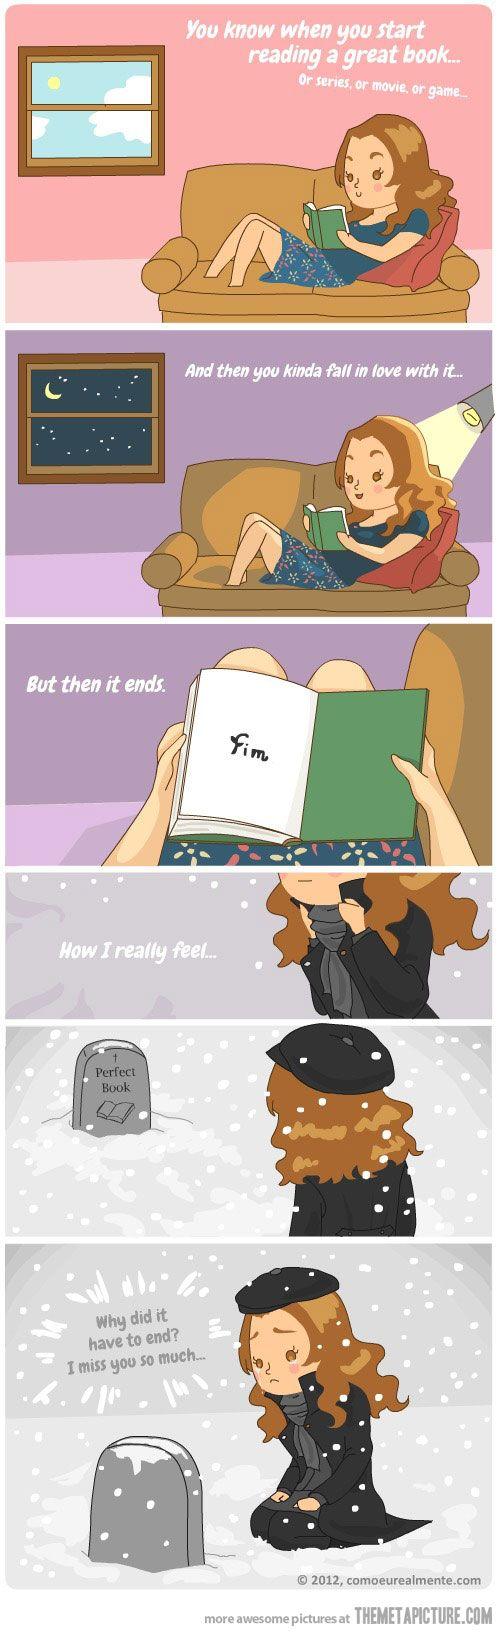 When a good book ends…